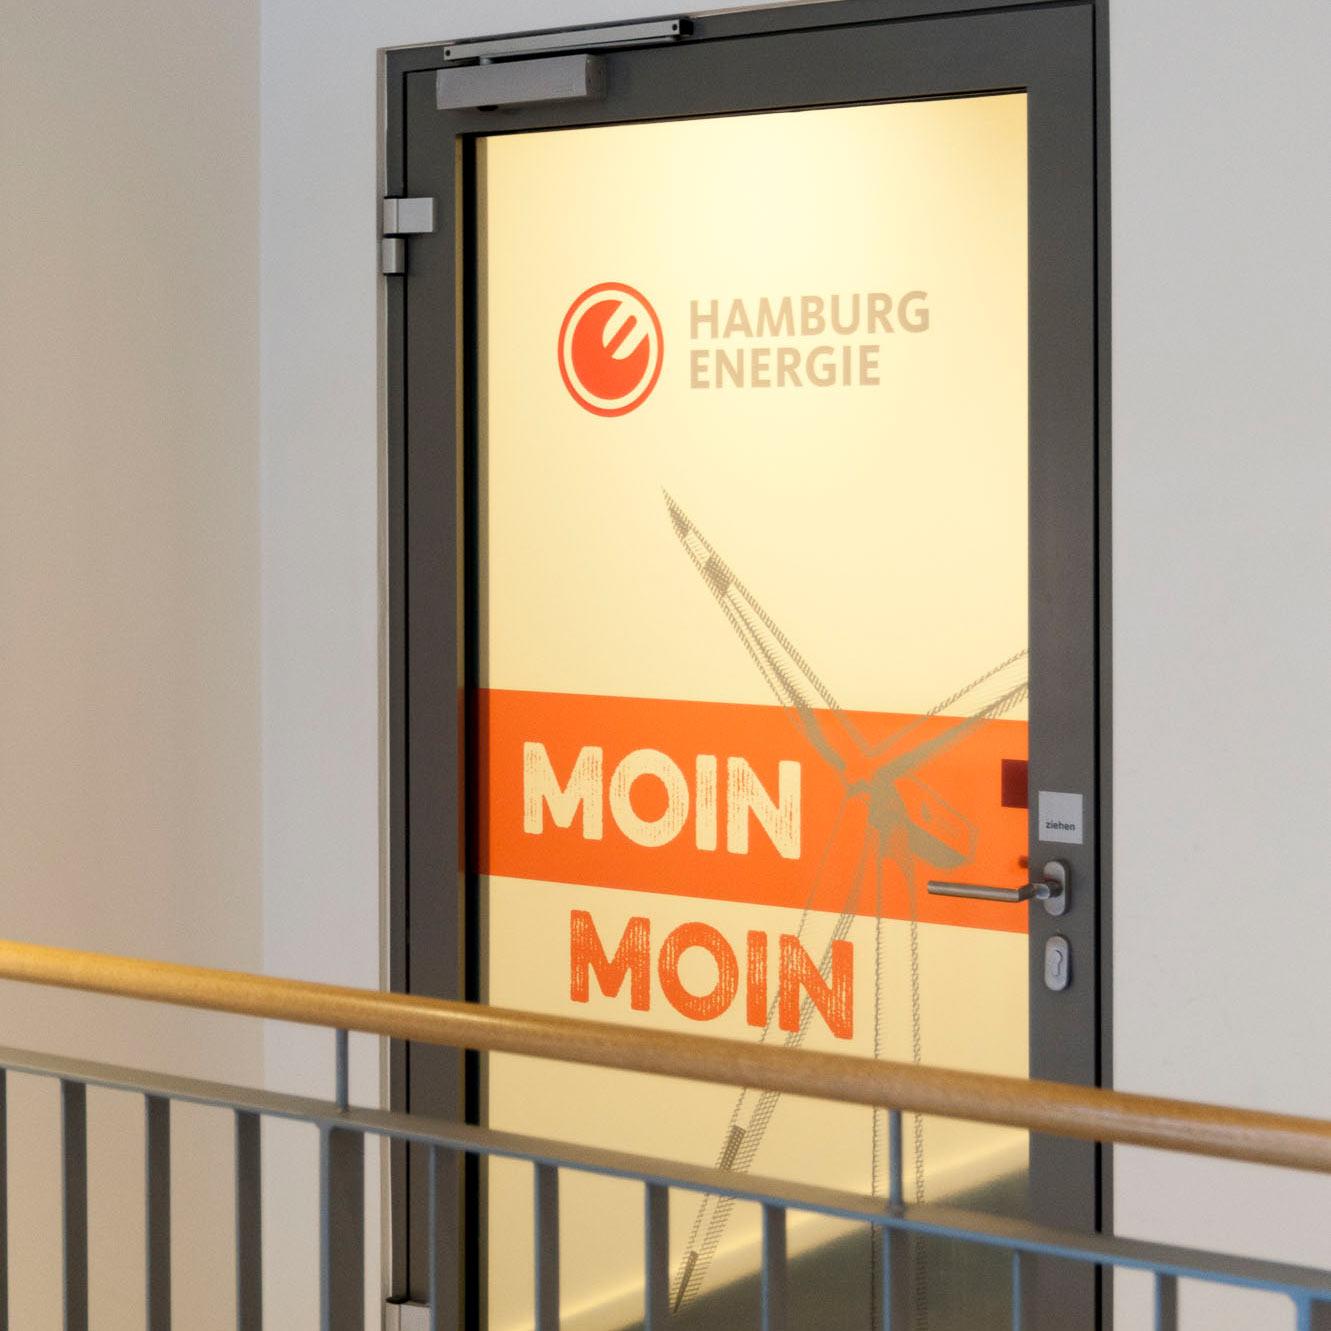 Halbtransparenter Foliendruck auf einer Glastür